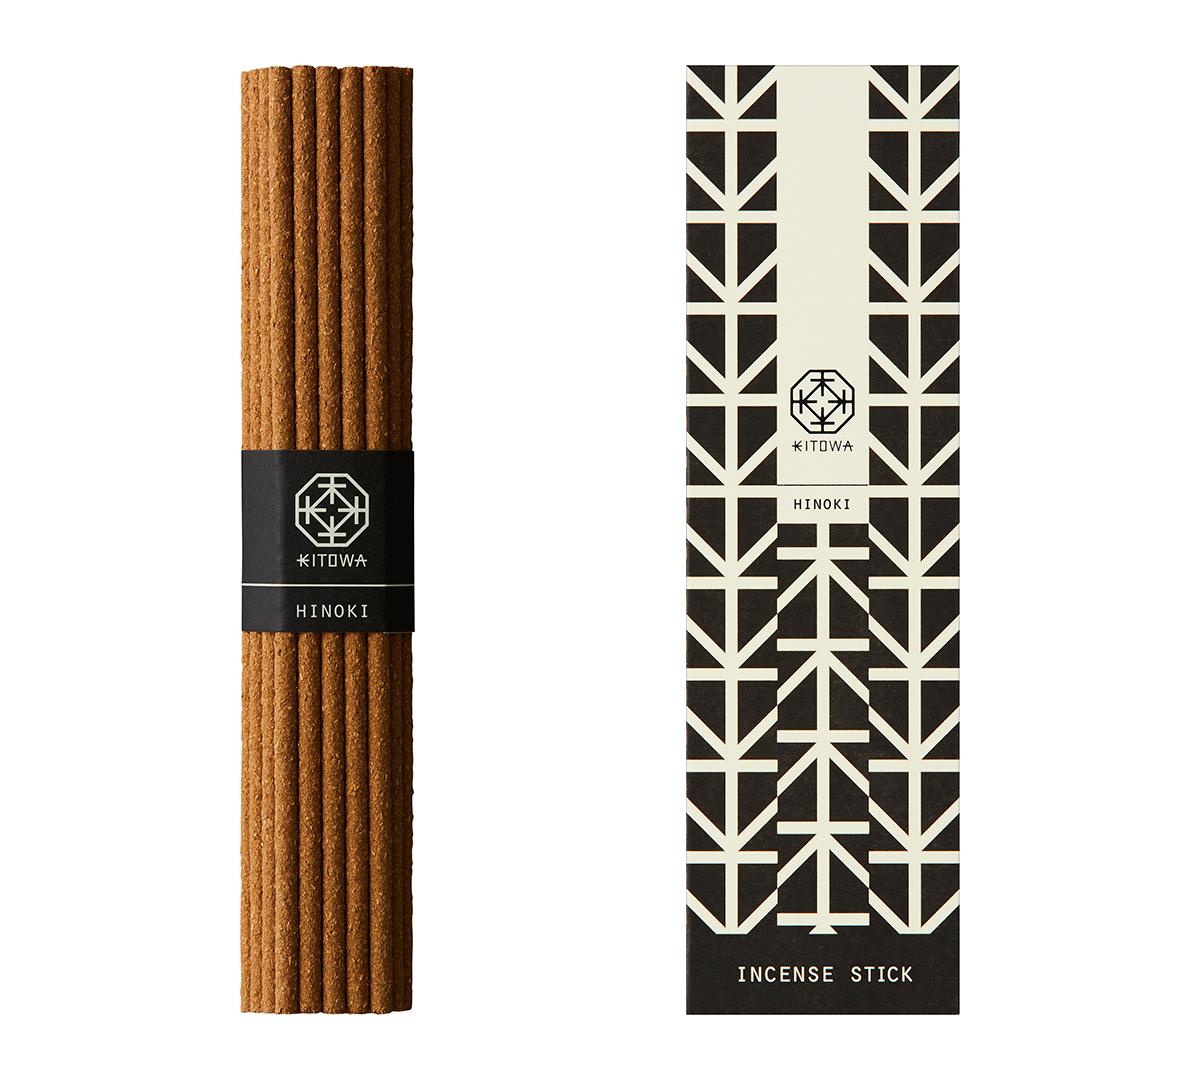 HINOKI(三重県産のヒノキ)|あなたの部屋がエグゼクティブスイートになる。伝統の薫香技術が生む「香り」で、空間の模様換えが叶うインセンススティック(お香)|KITOWA